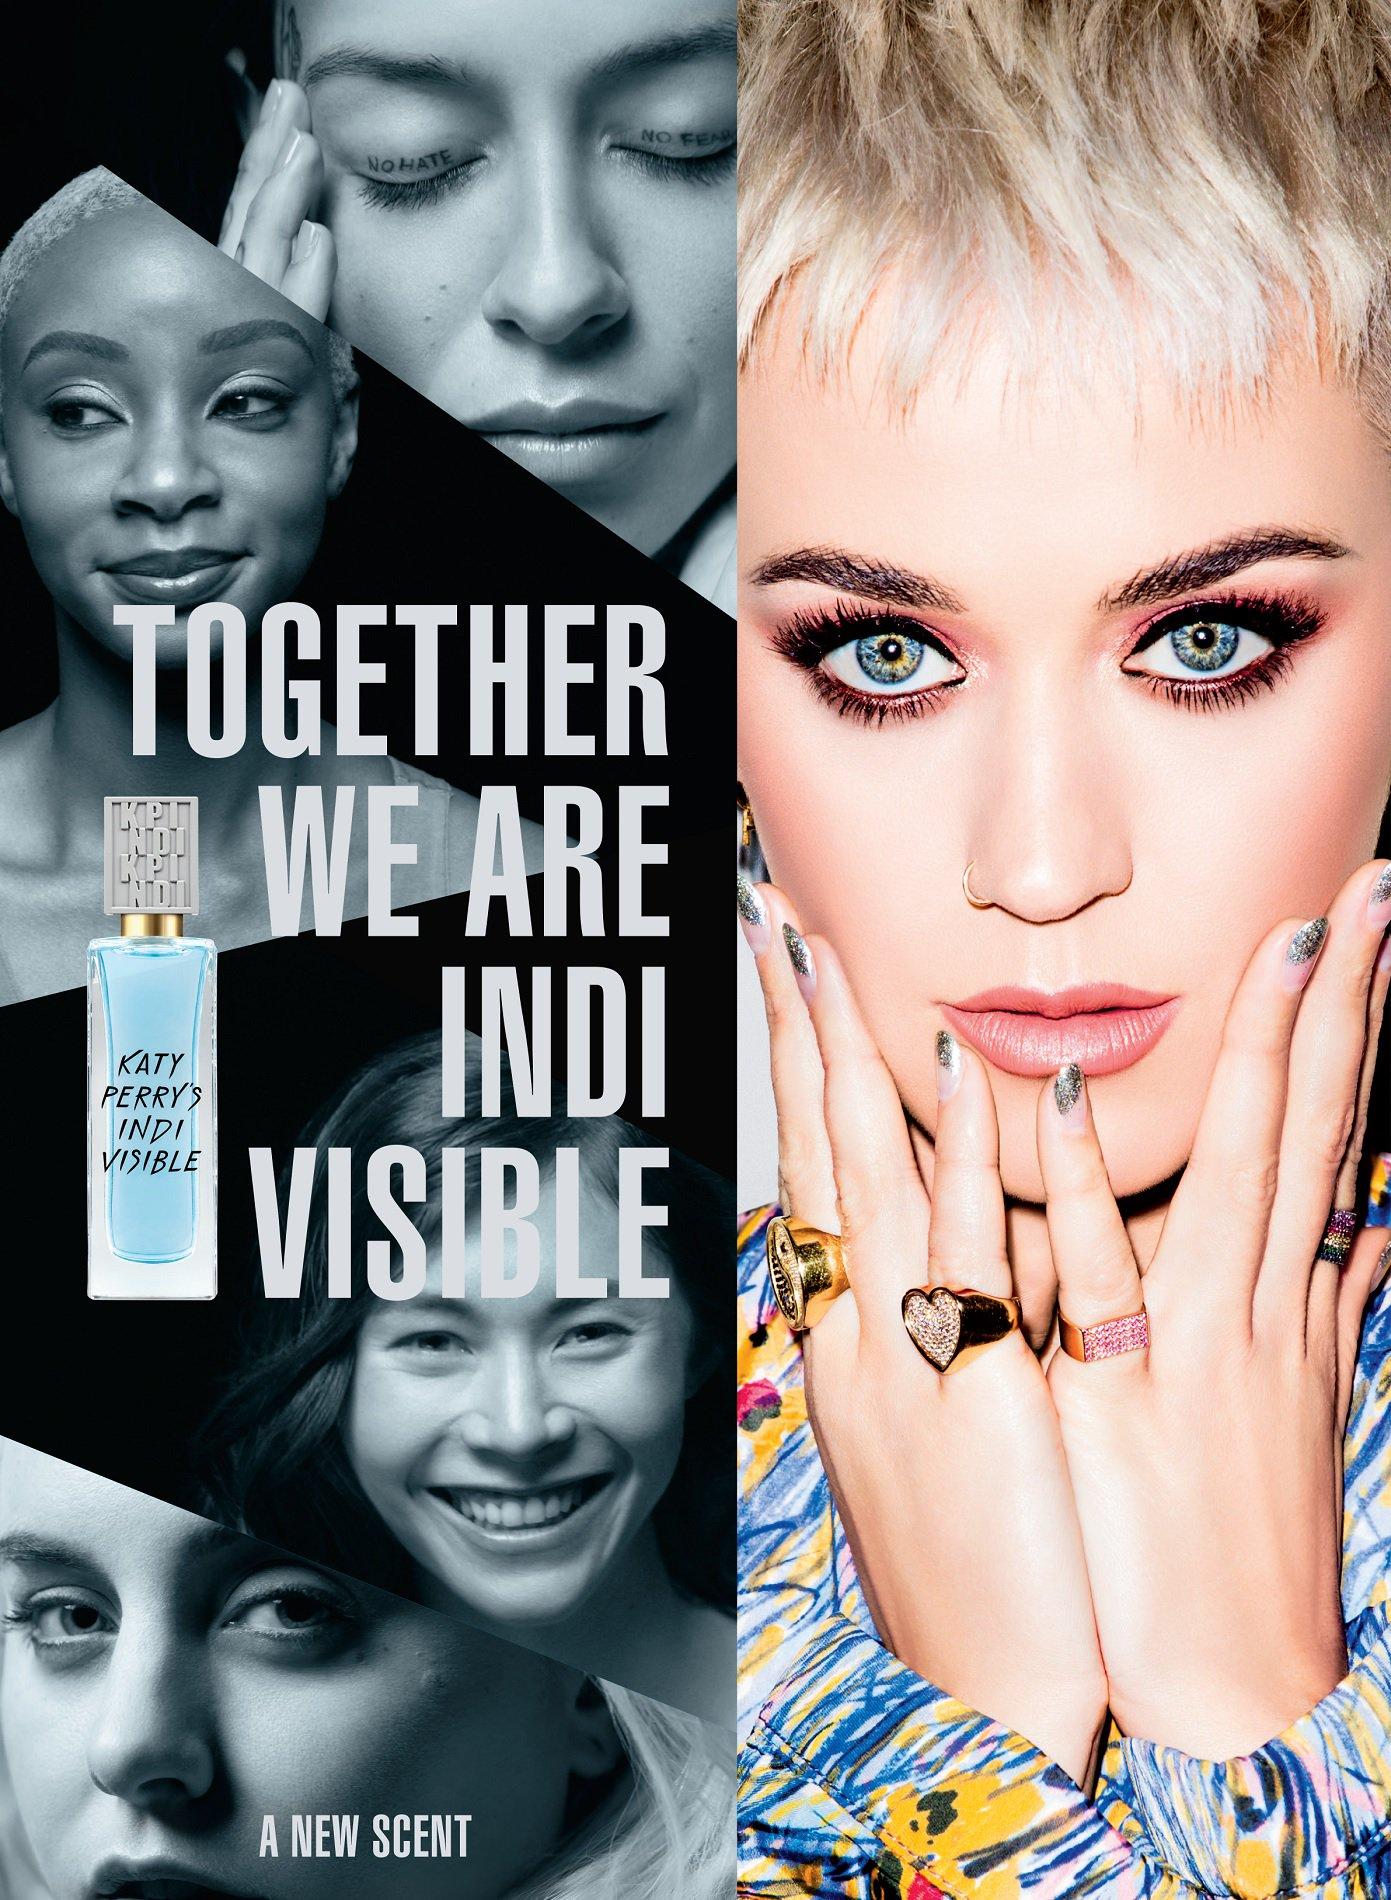 Katy Perry's Indi Visible